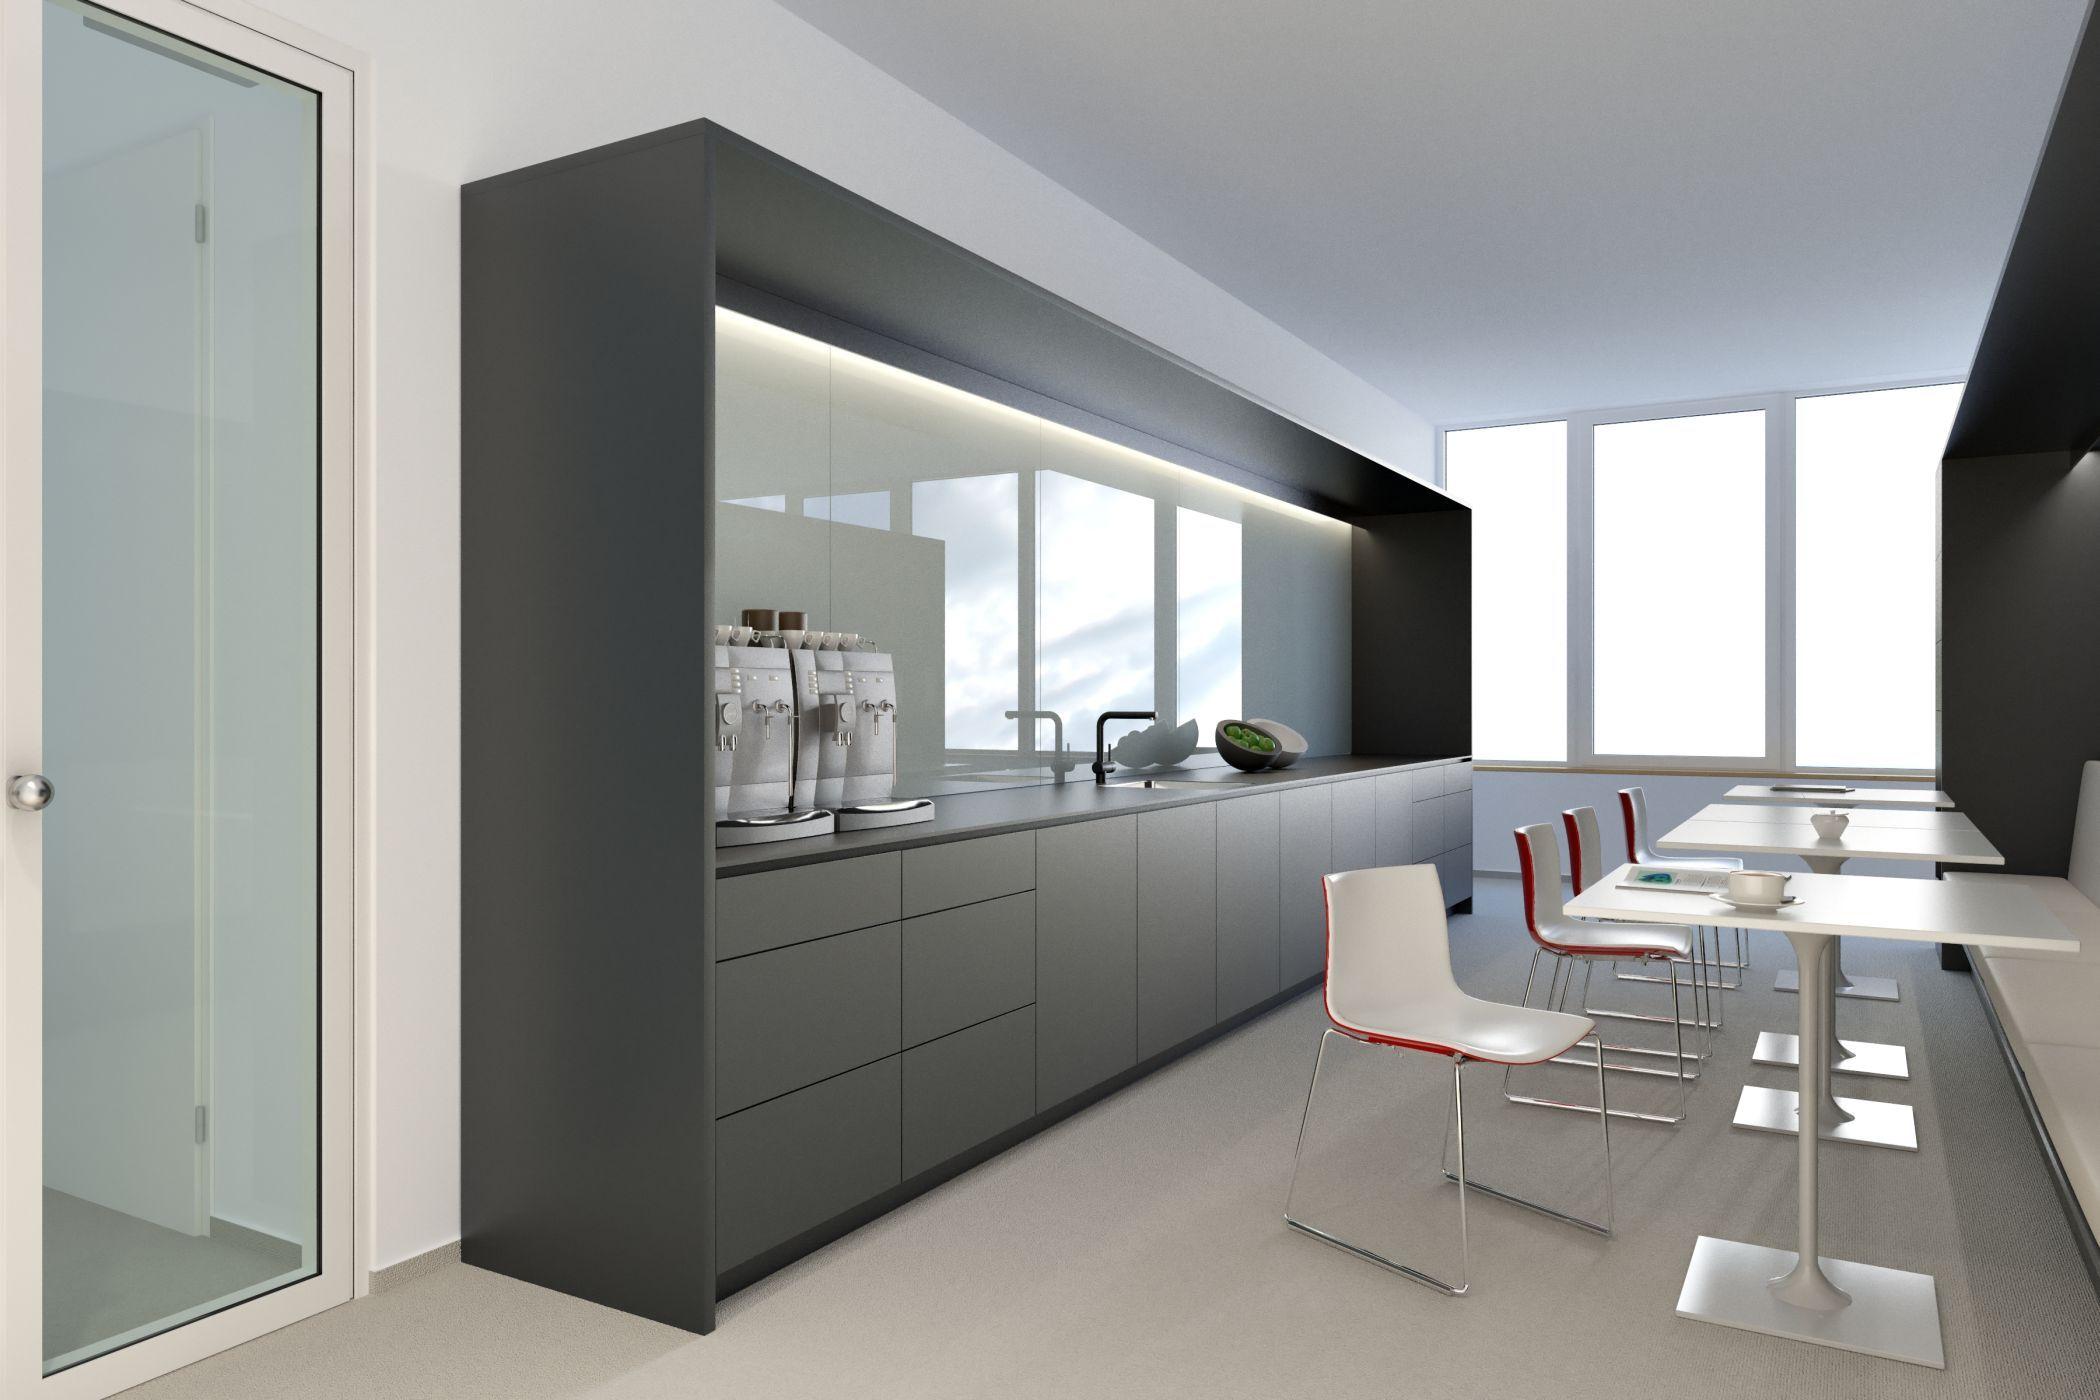 Bulthaup B3 Keuken : Bulthaup kleine küche küche designfunktion de